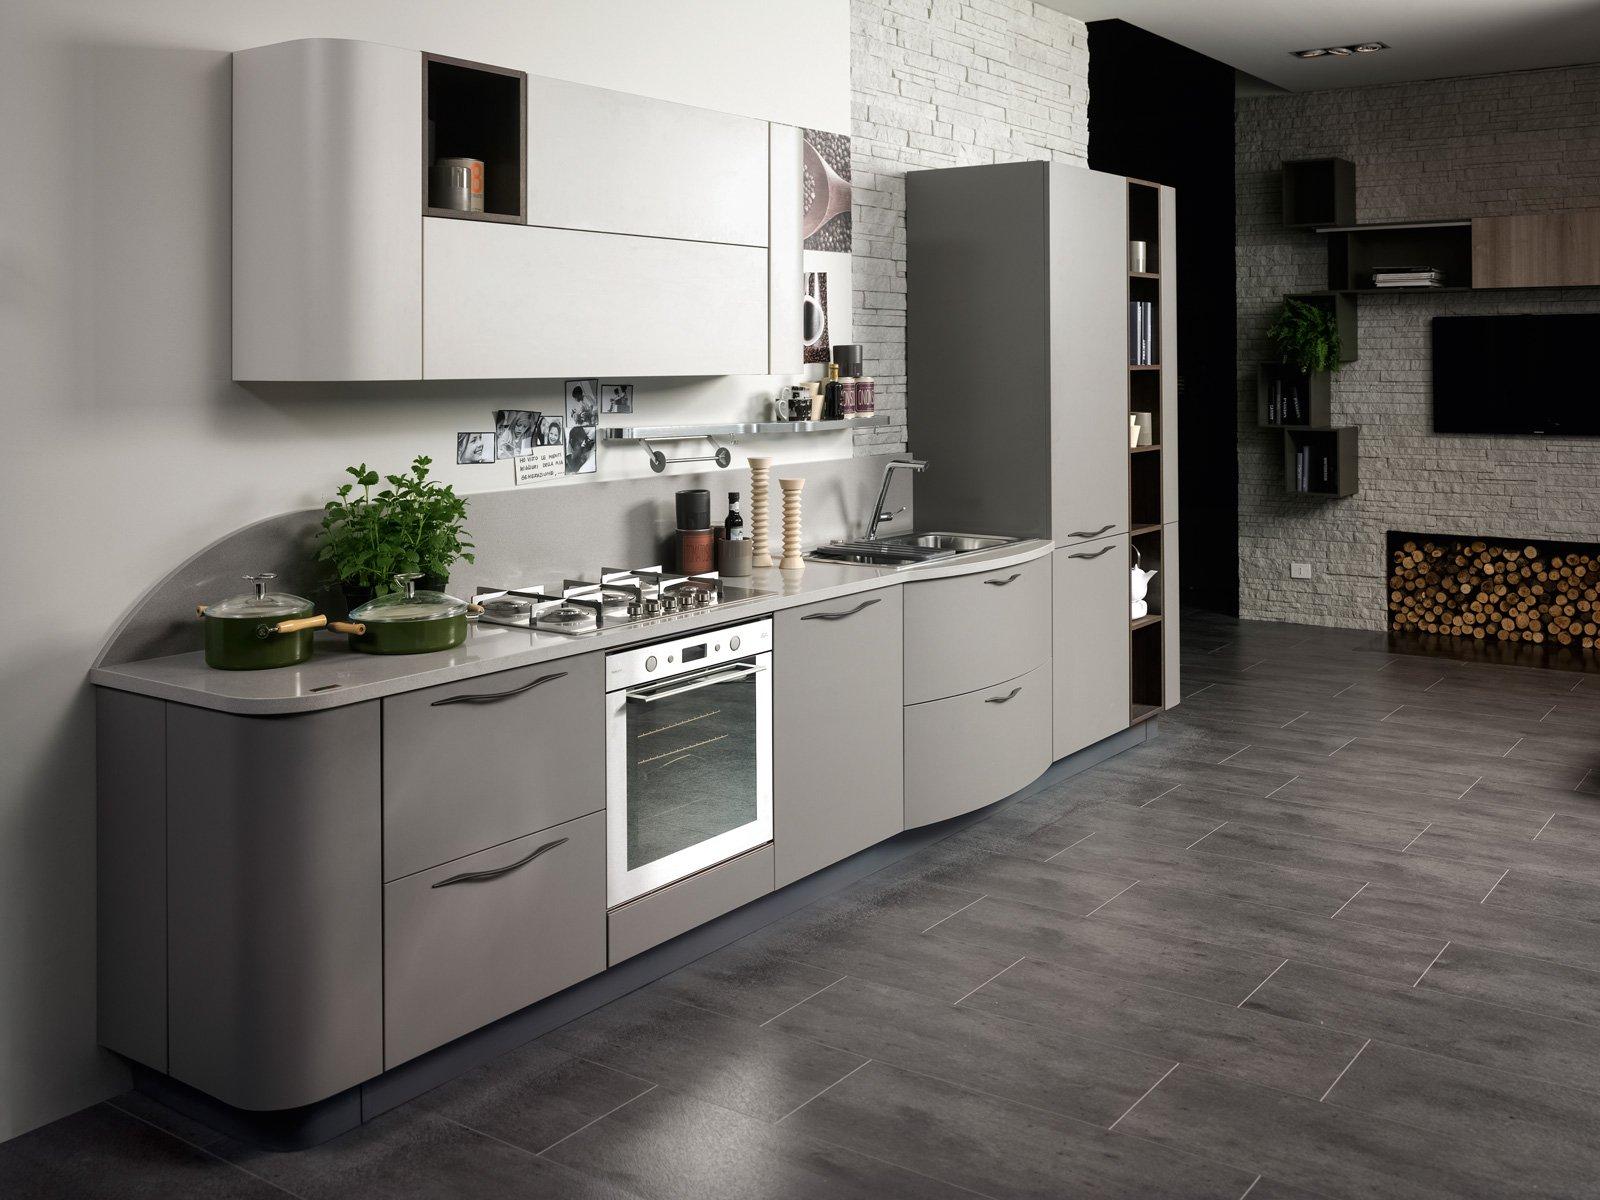 Cucine in colori ed essenze soft cose di casa - Cucine grigio perla ...